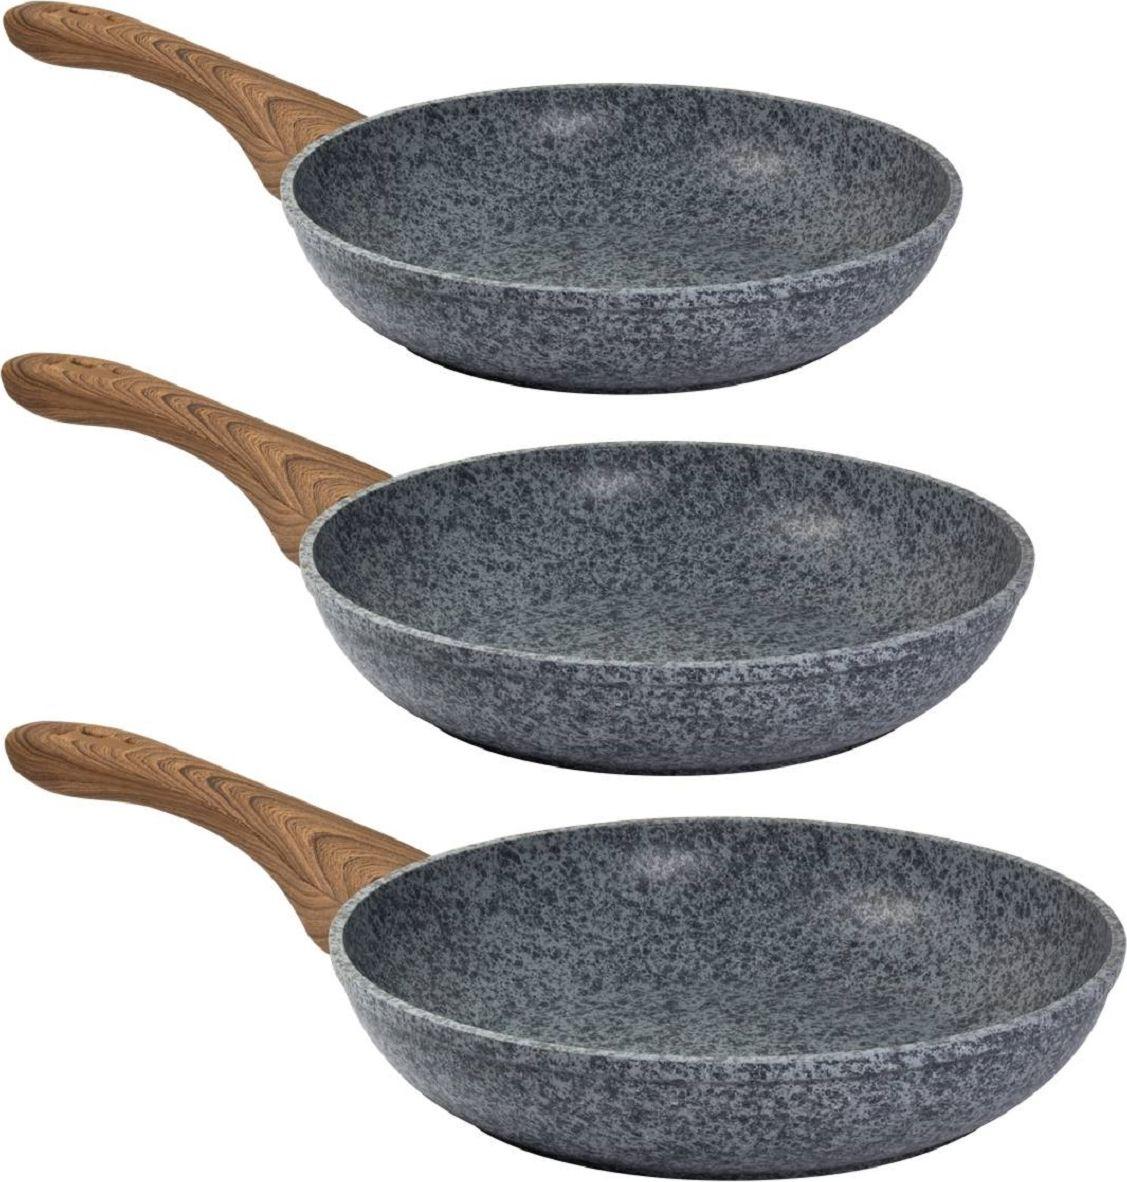 Набор сковород Cs-Kochsysteme Steinfurt, с гранитным покрытием, цвет: серый, 3 шт065348Набор сковород Cs-Kochsysteme Steinfurt изготовлен из кованого алюминия. Гранитное покрытие GranexPluse с мраморной отделкой устойчиво к царапинам и повреждениям.В комплект входит 3 сковороды диаметрами 20, 24 и 28 см.Сковороды Cs-Kochsysteme Steinfurt прекрасно подходят для приготовления на газовых, электрических и индукционных плитах.